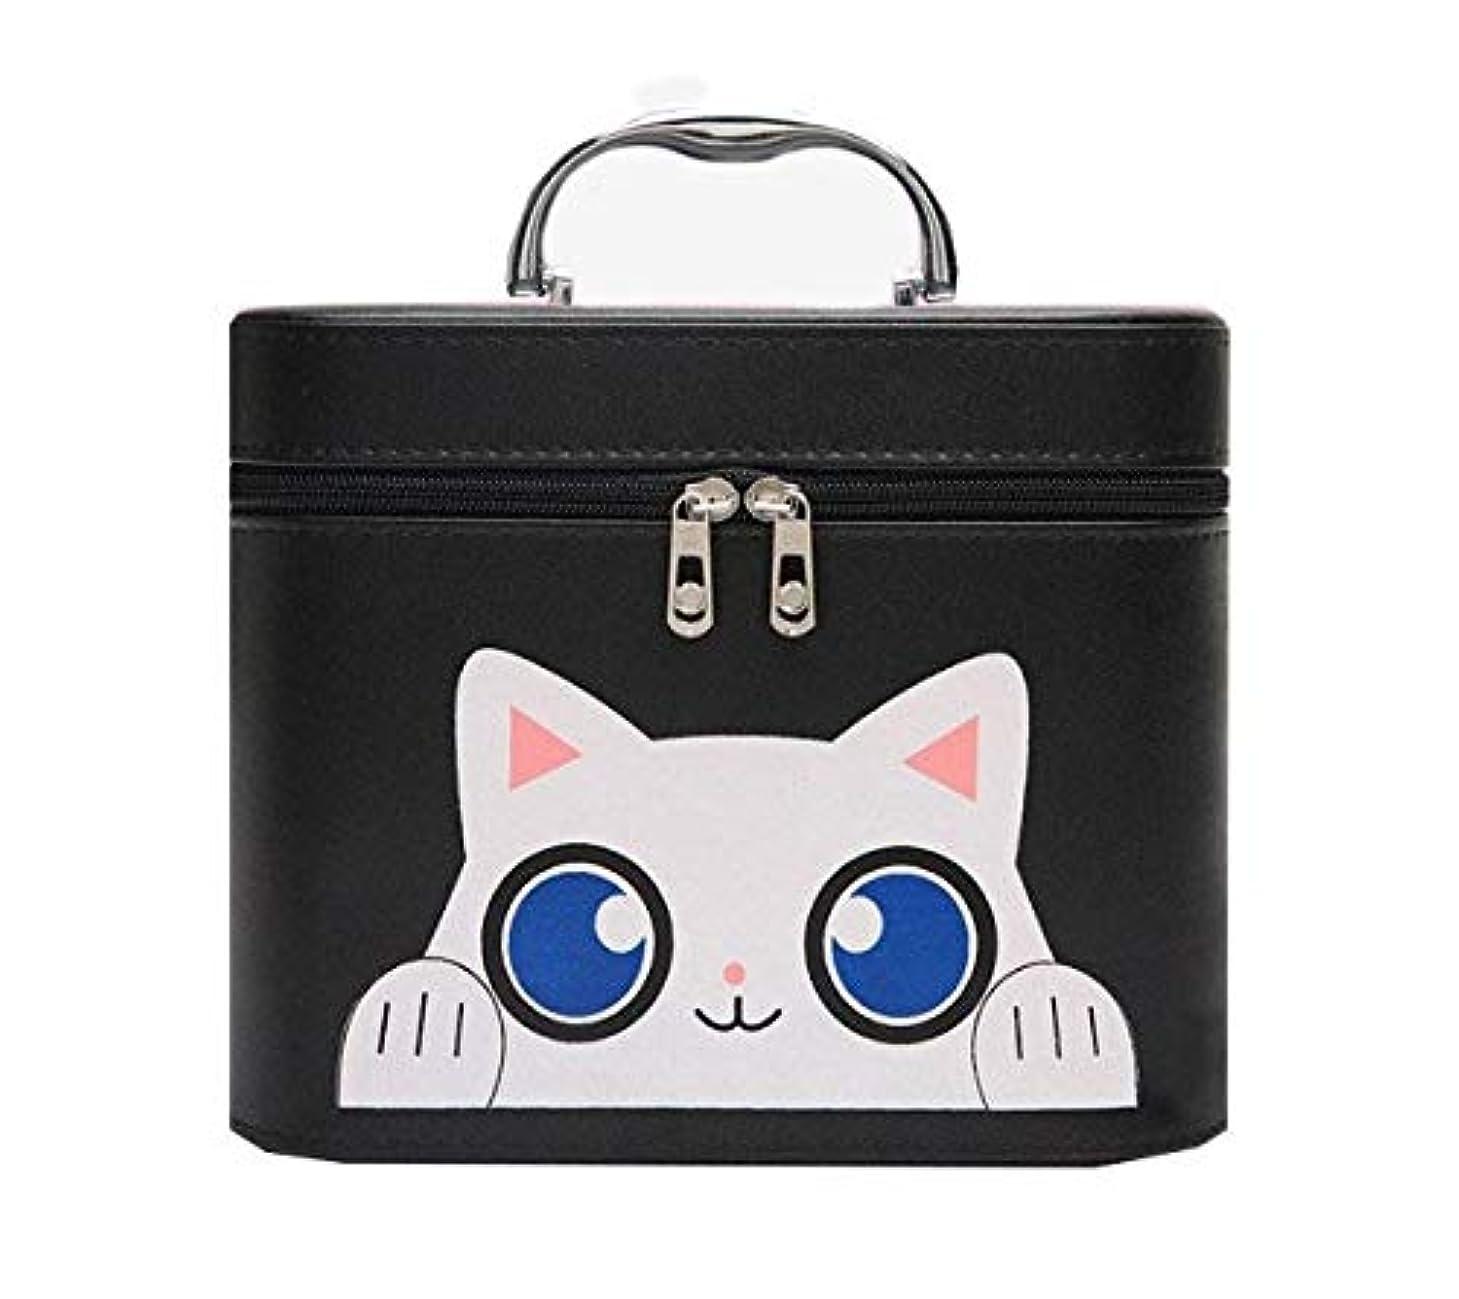 レンディション明快あえて化粧箱、黒漫画猫化粧品ケース、ポータブル旅行化粧品ケース、美容ネイルジュエリー収納ボックス (Size : L)